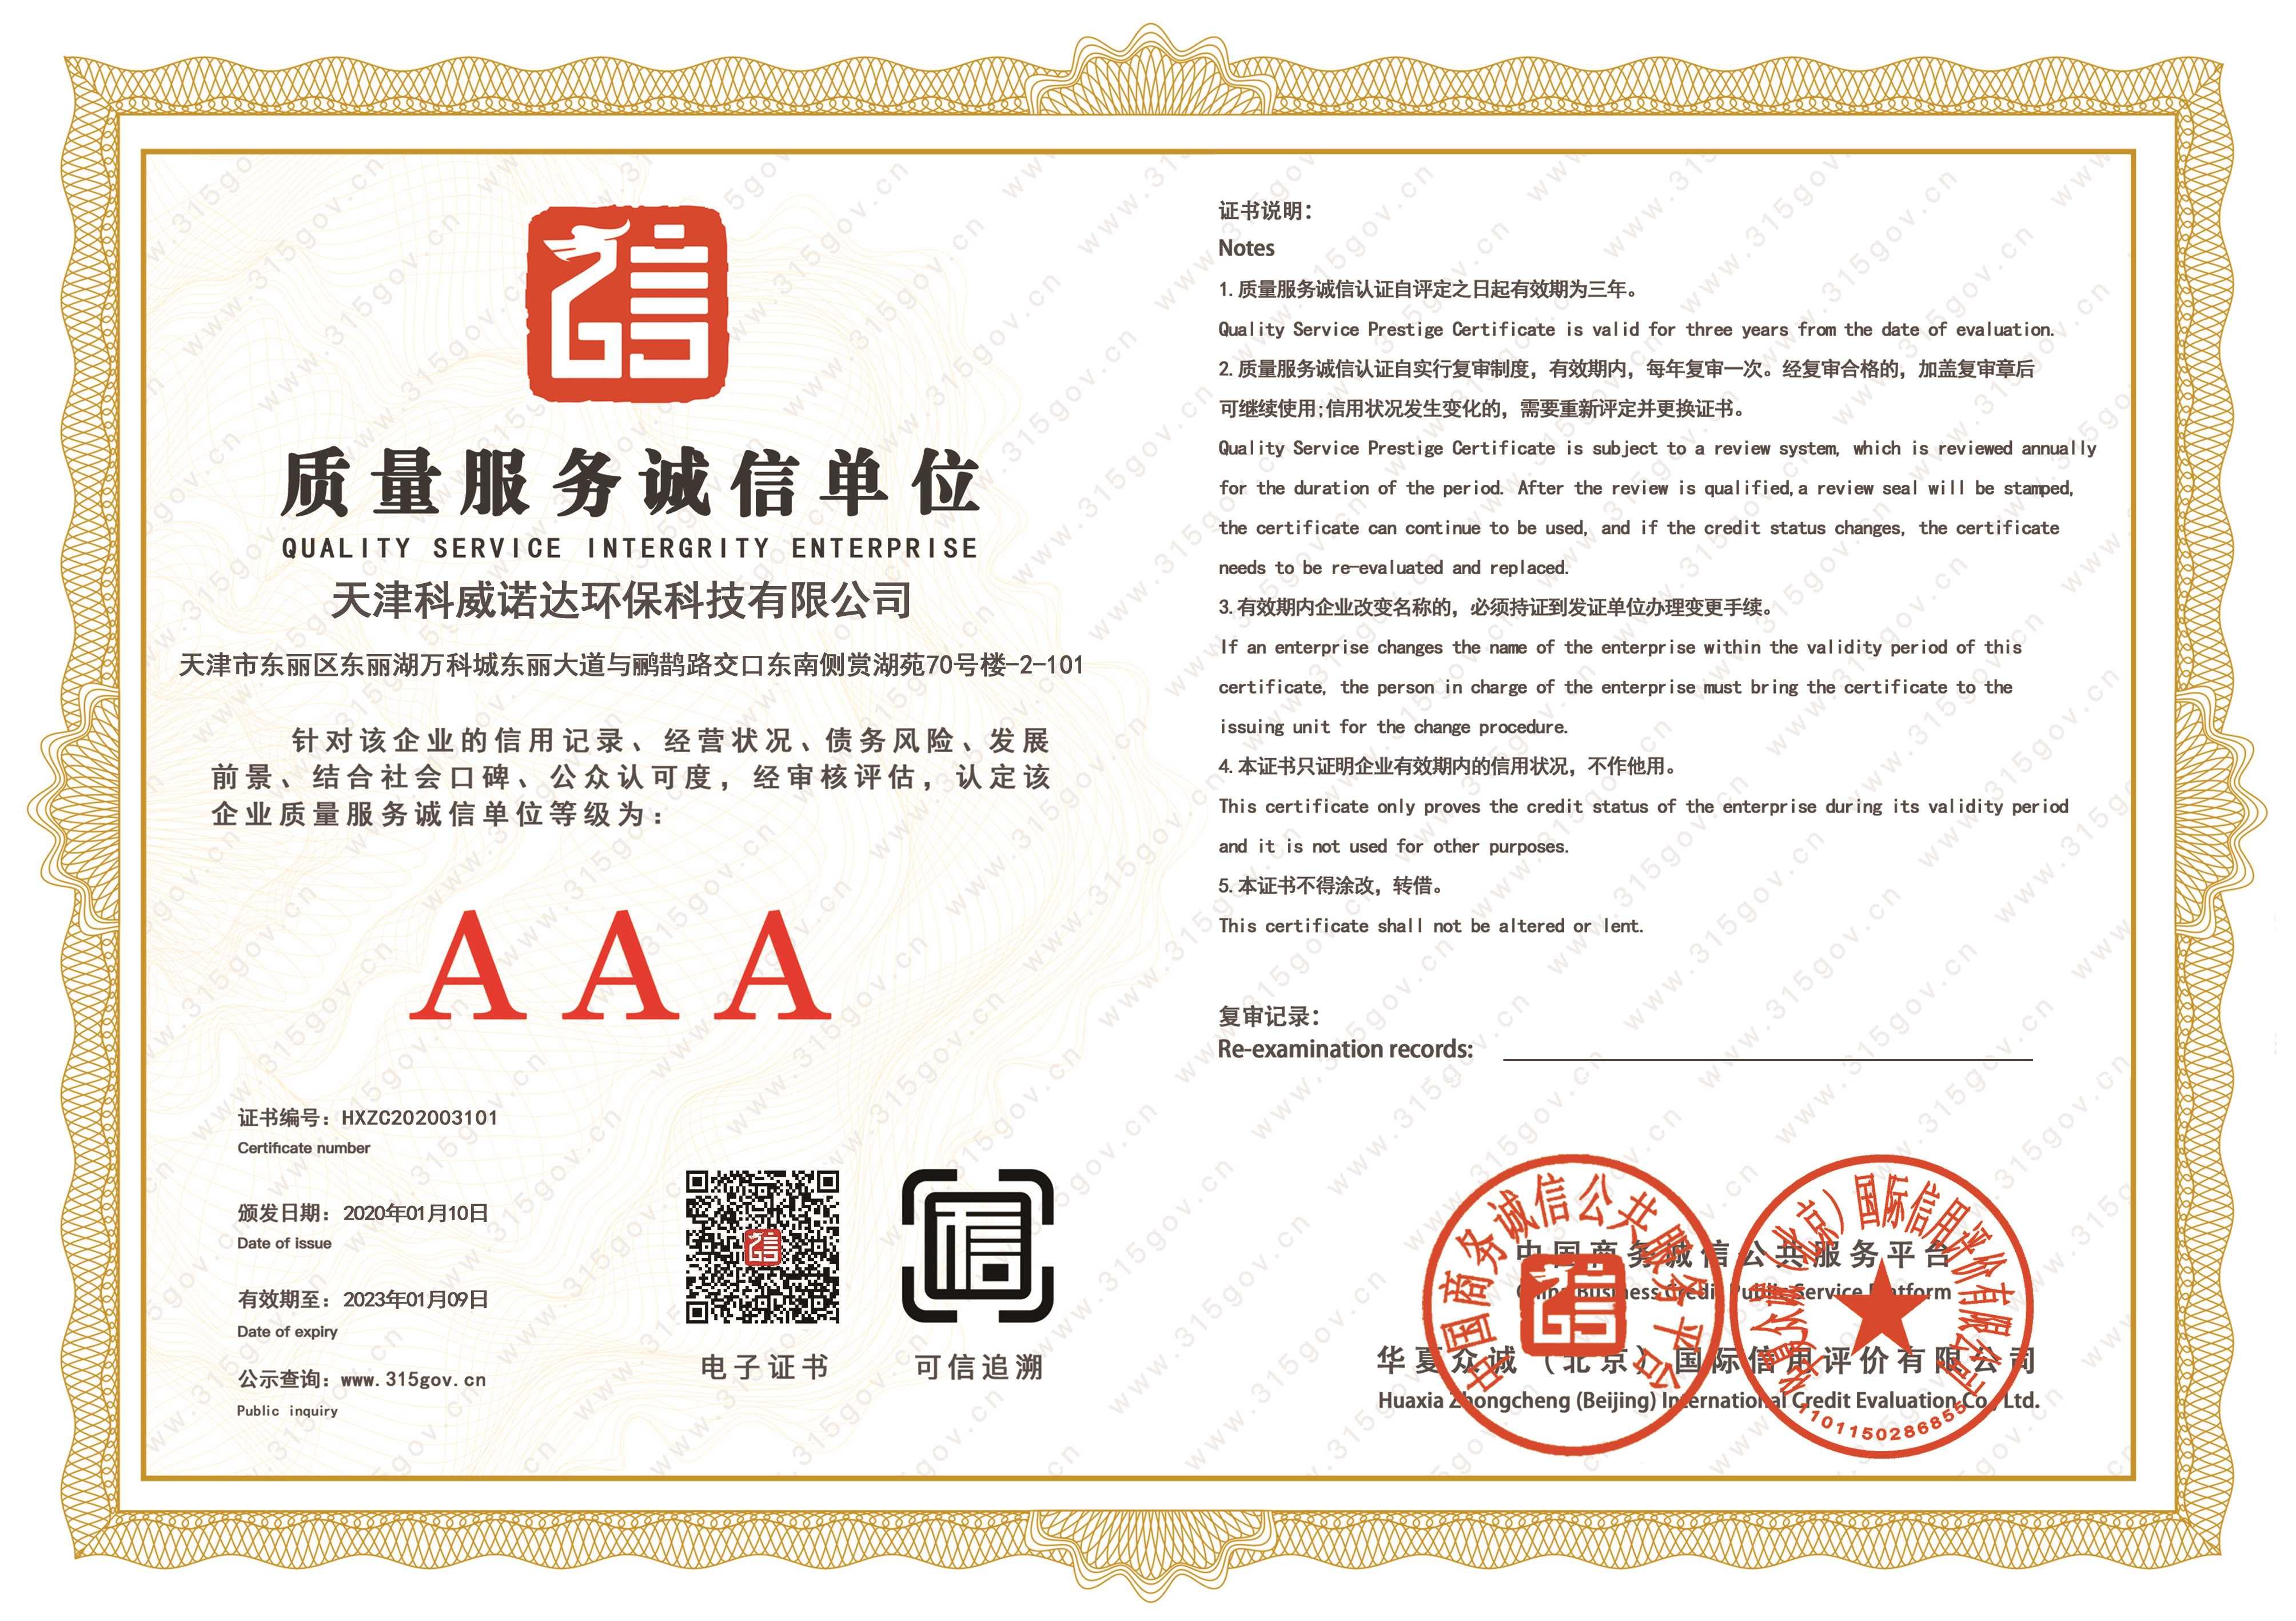 荣誉证书-质量服务诚信单位